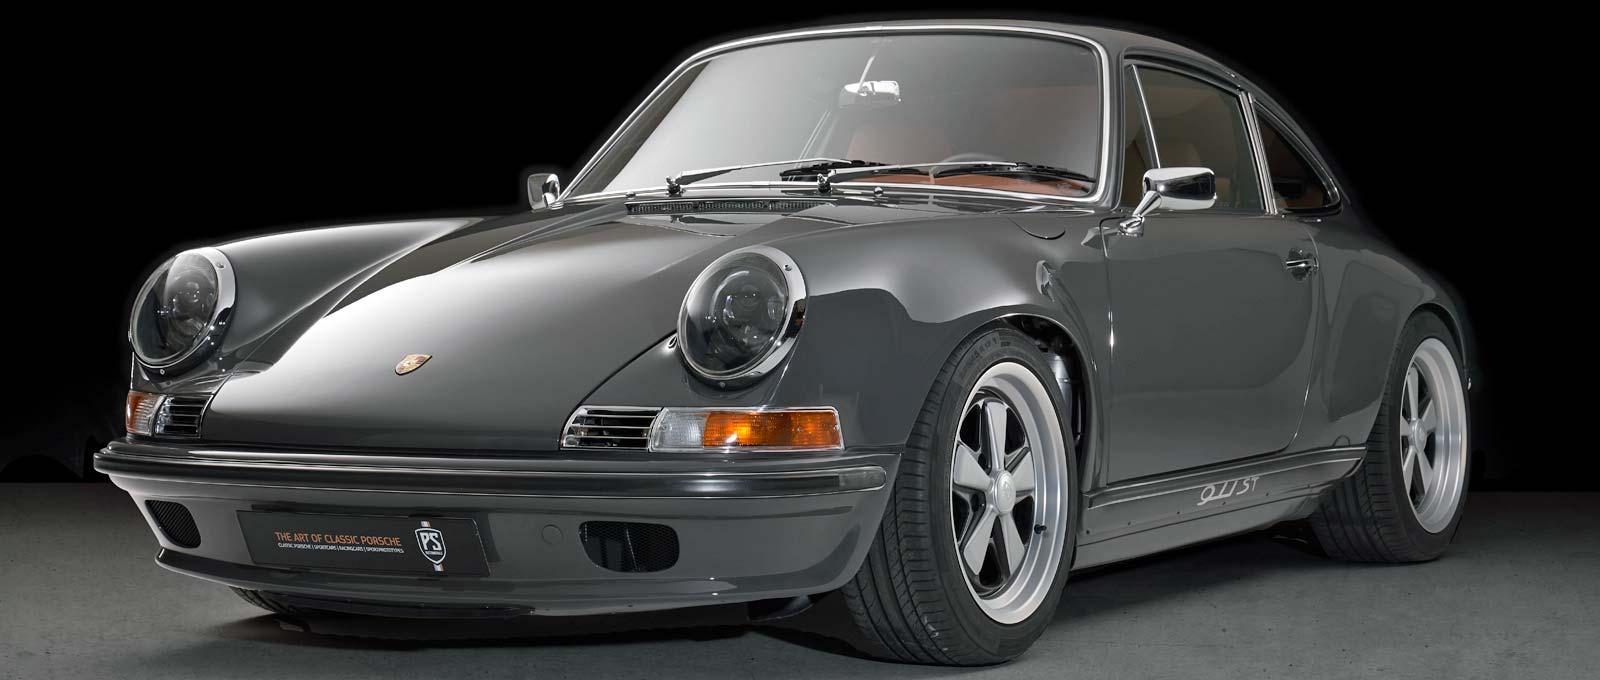 Porsche 911 ST RECONSTRUCTION GRAPHITGREY